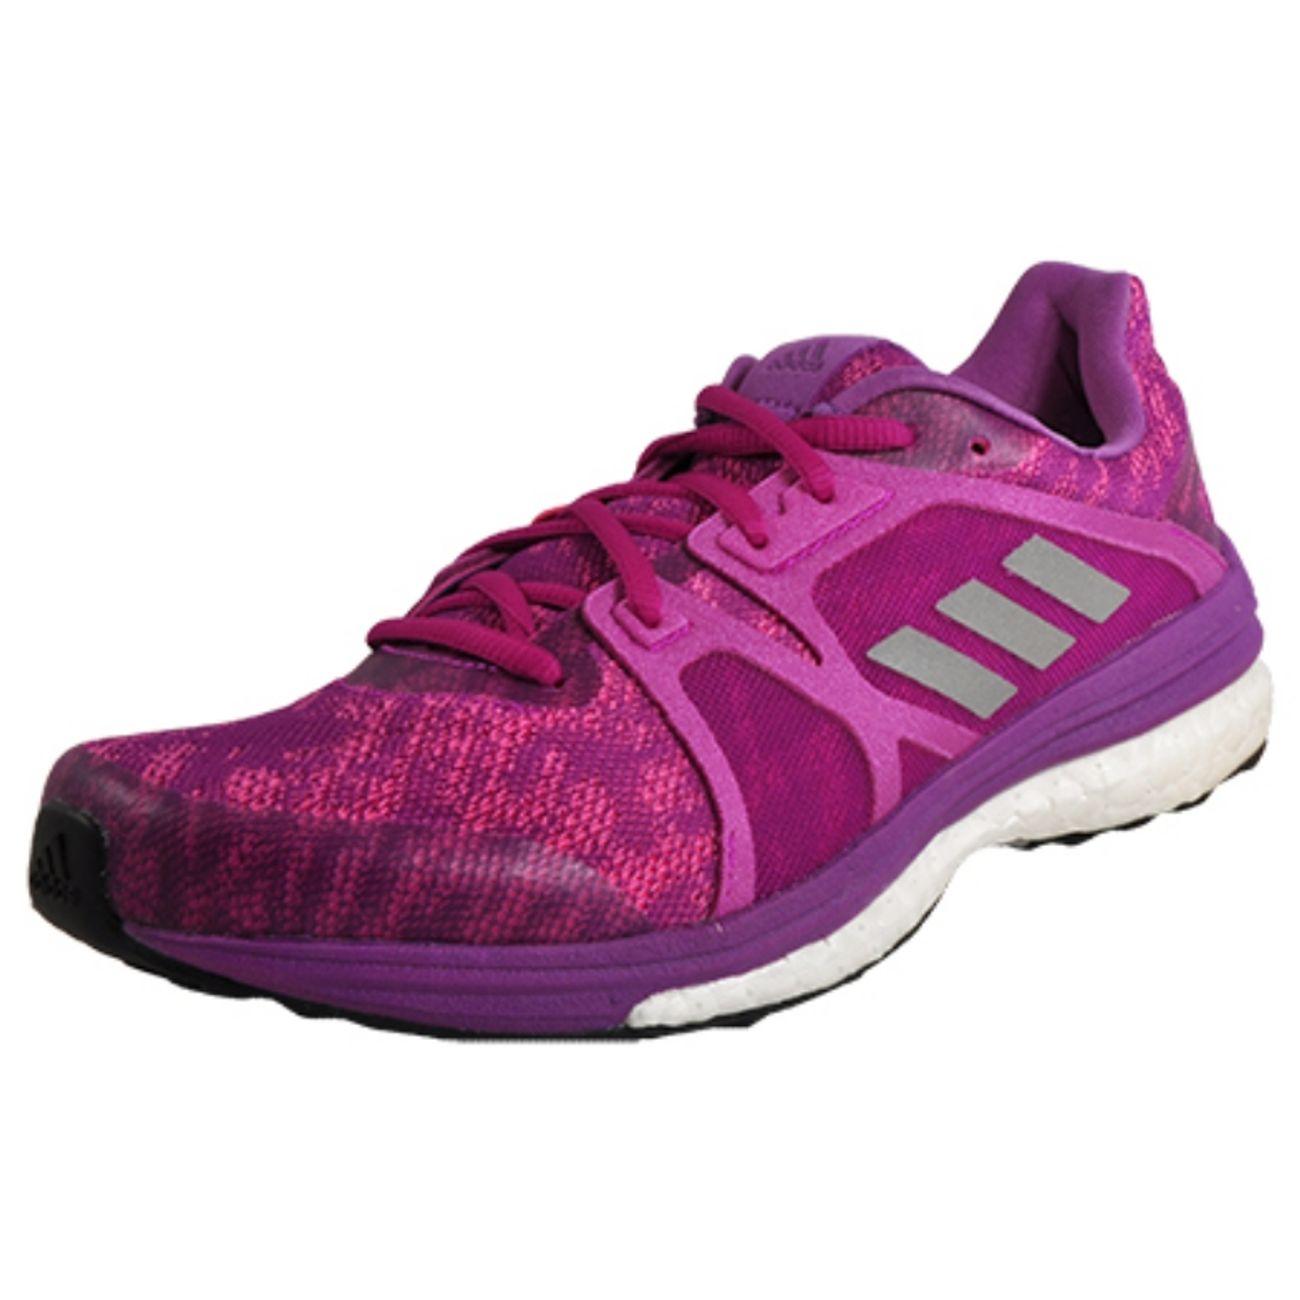 a few days away sale best sale Adidas Supernova Sequence 9 Femmes Chaussures De Running ...